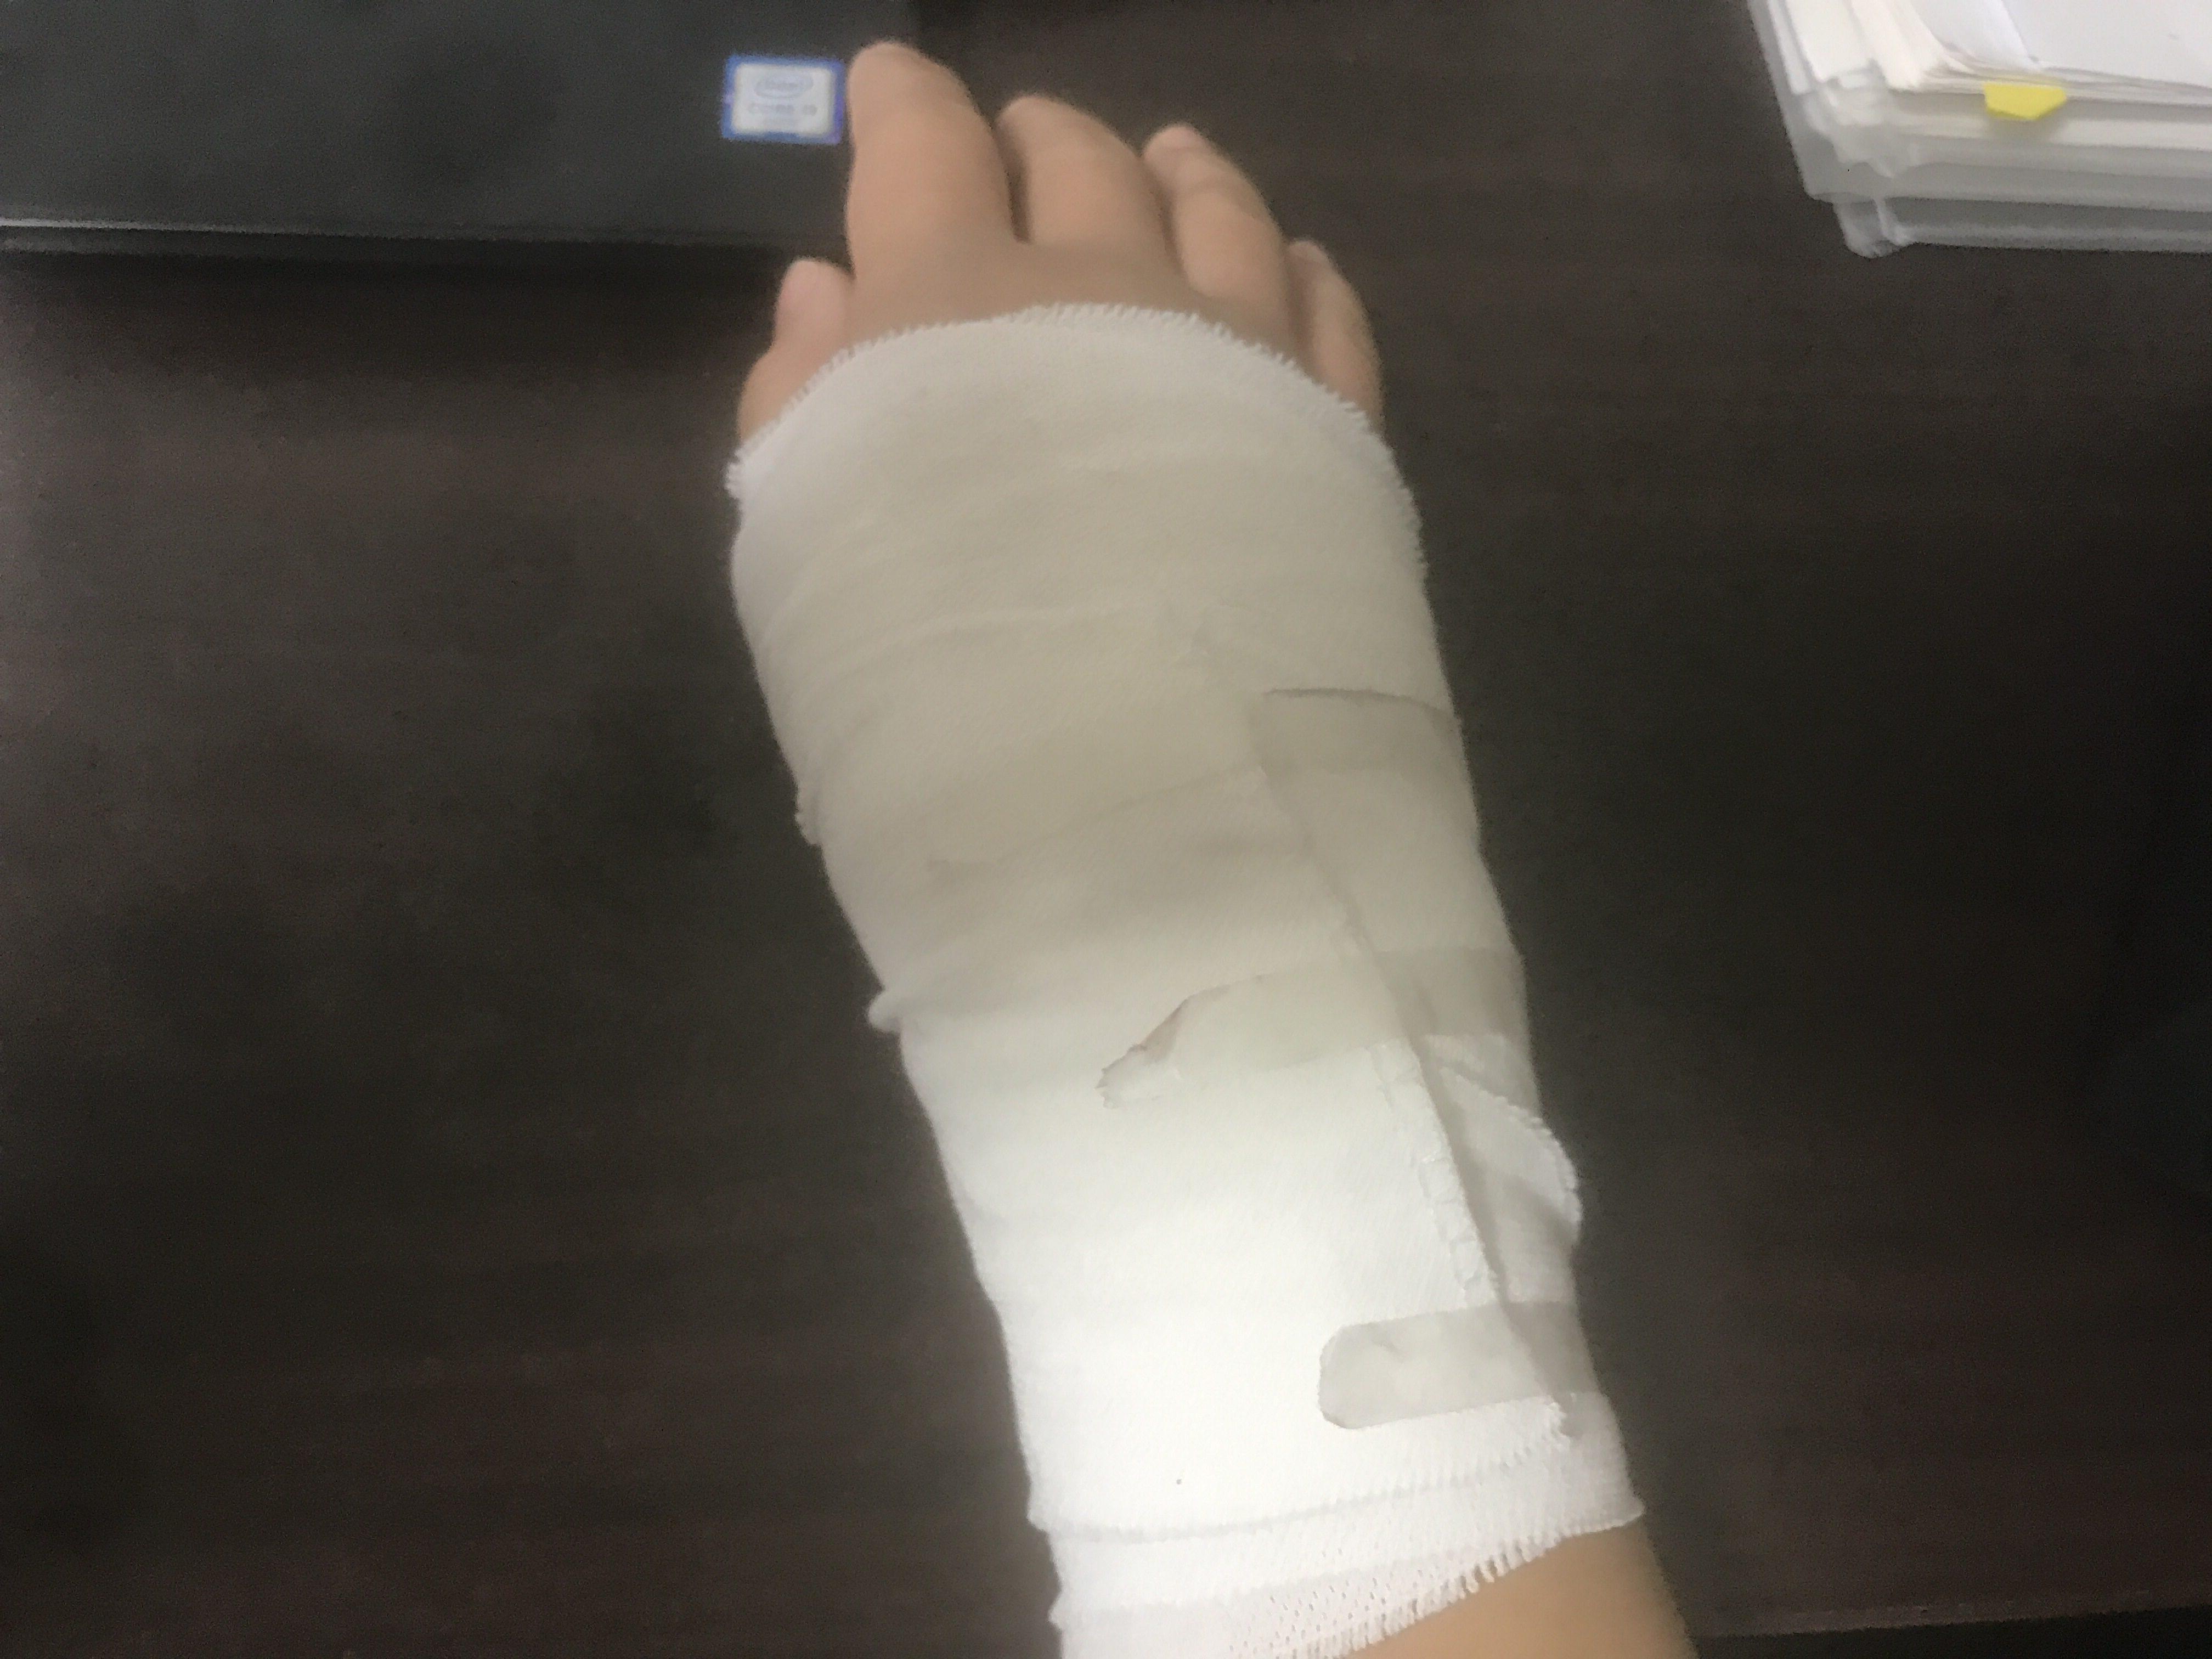 右手の捻挫。いつも大事なものは失ってから気づく。